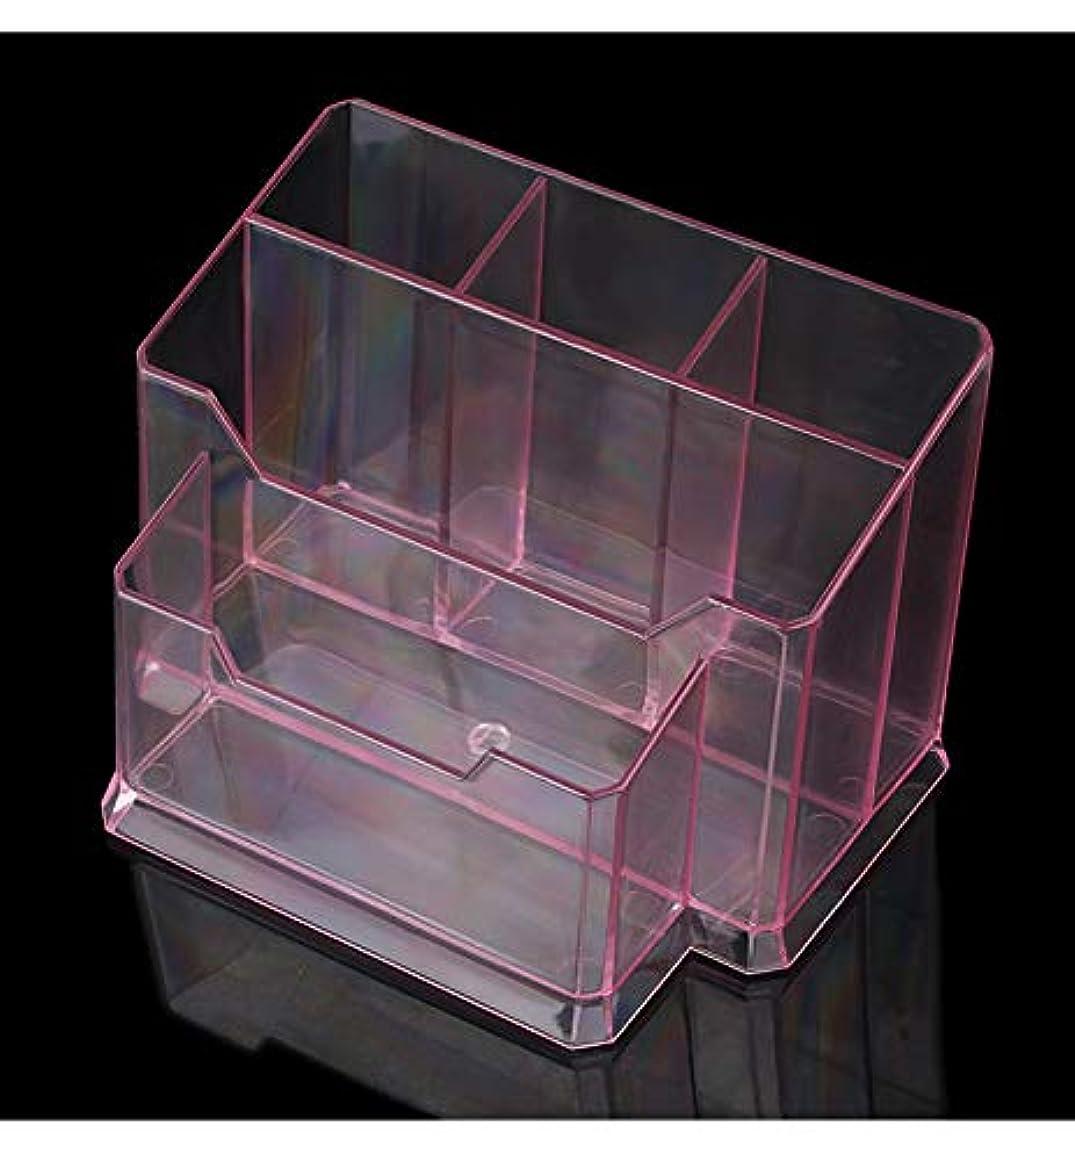 くスイング香りピンクアクリル5コンパートメントペンと鉛筆ホルダーカップ名刺ホルダーボックス事務用品デスクトップオーガナイザー収納キャディ